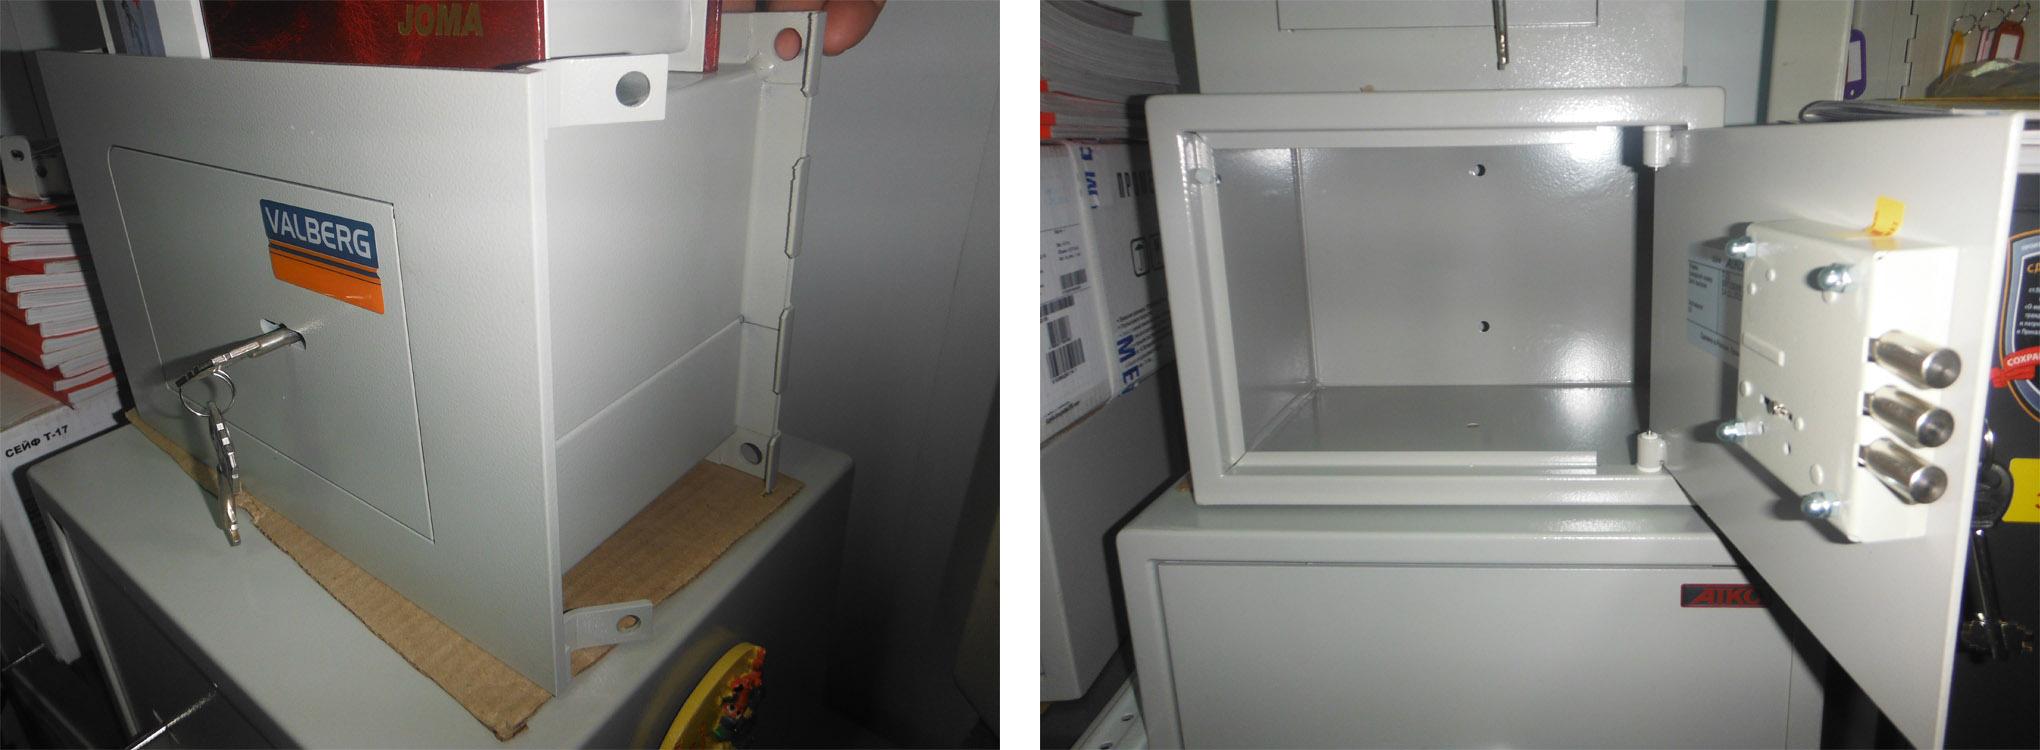 Легкий сейф, который могут унести, надо прикрутить к полу или стене. На нем должны быть крепления для привязки к строительной арматуре или специальные отверстия для анкерных болтов